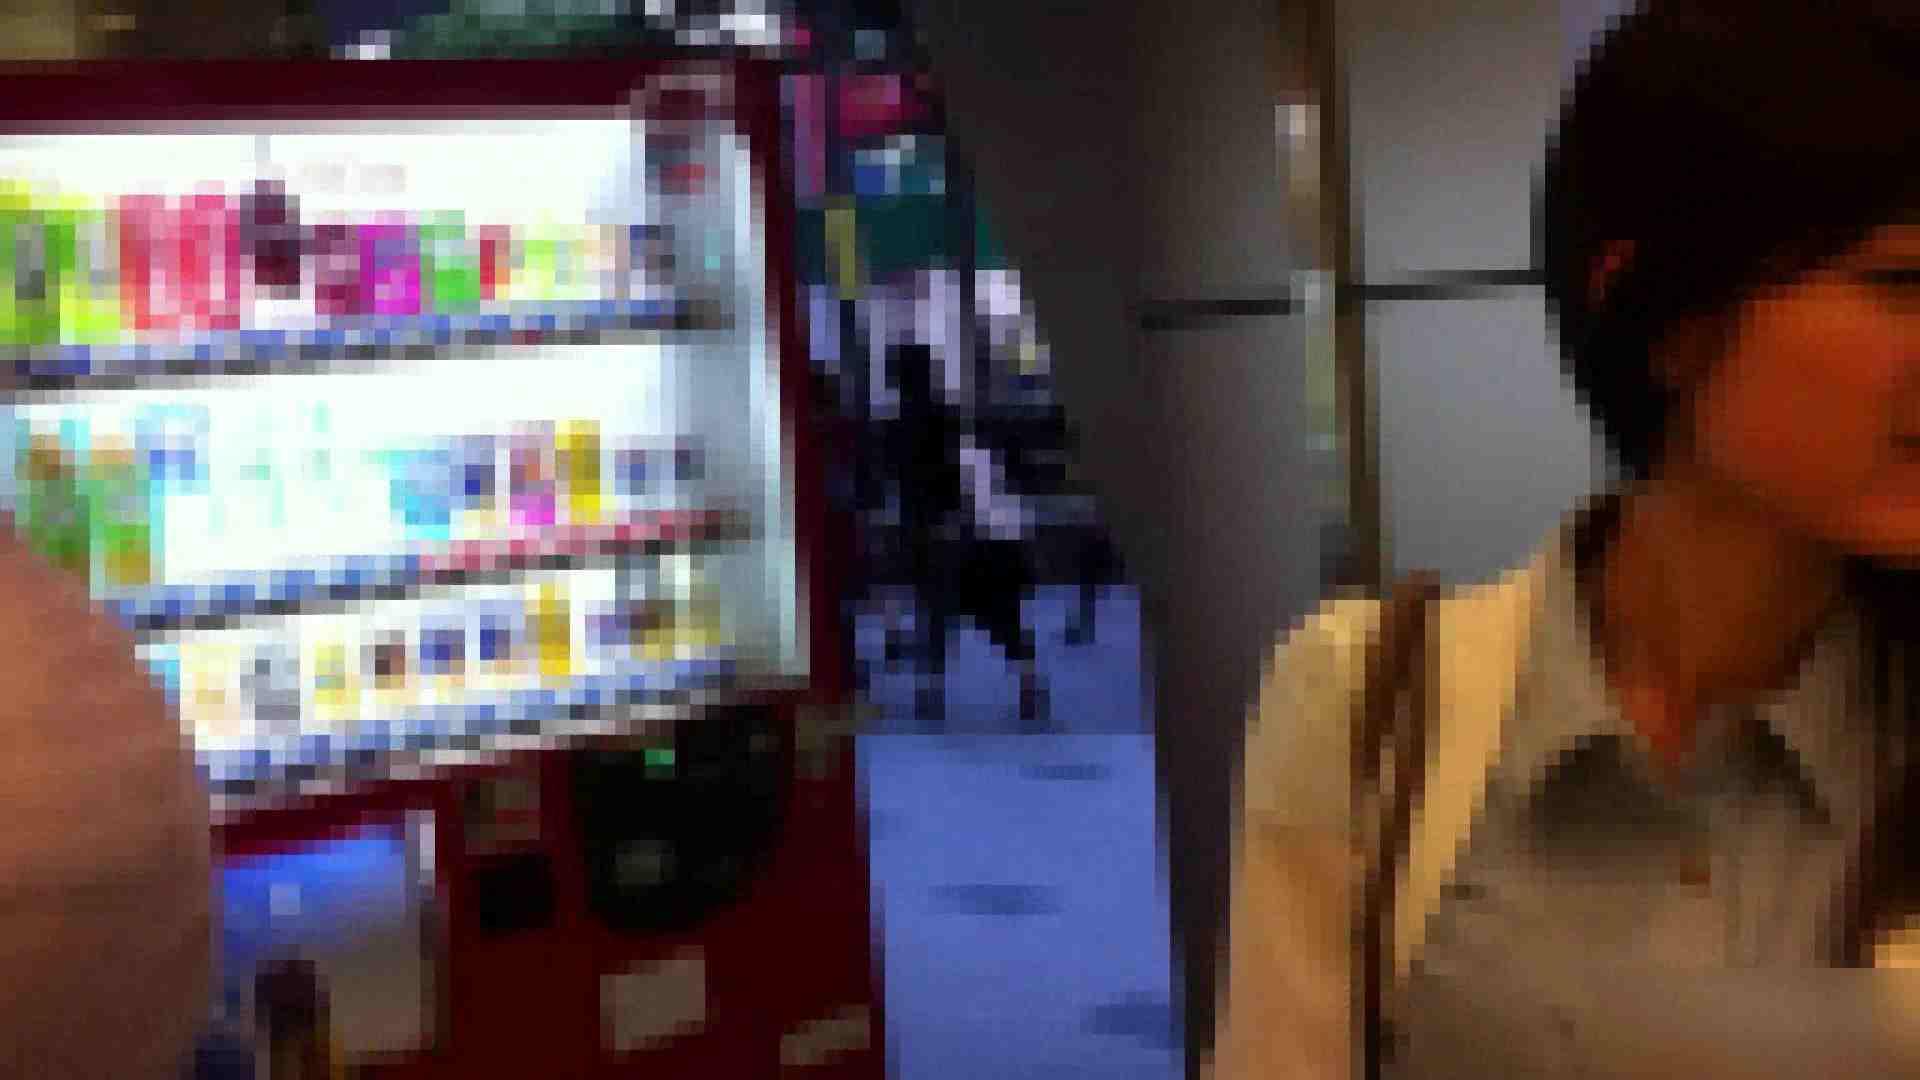 ガールズパンチラストリートビューVol.015 パンチラ オマンコ無修正動画無料 106PIX 63